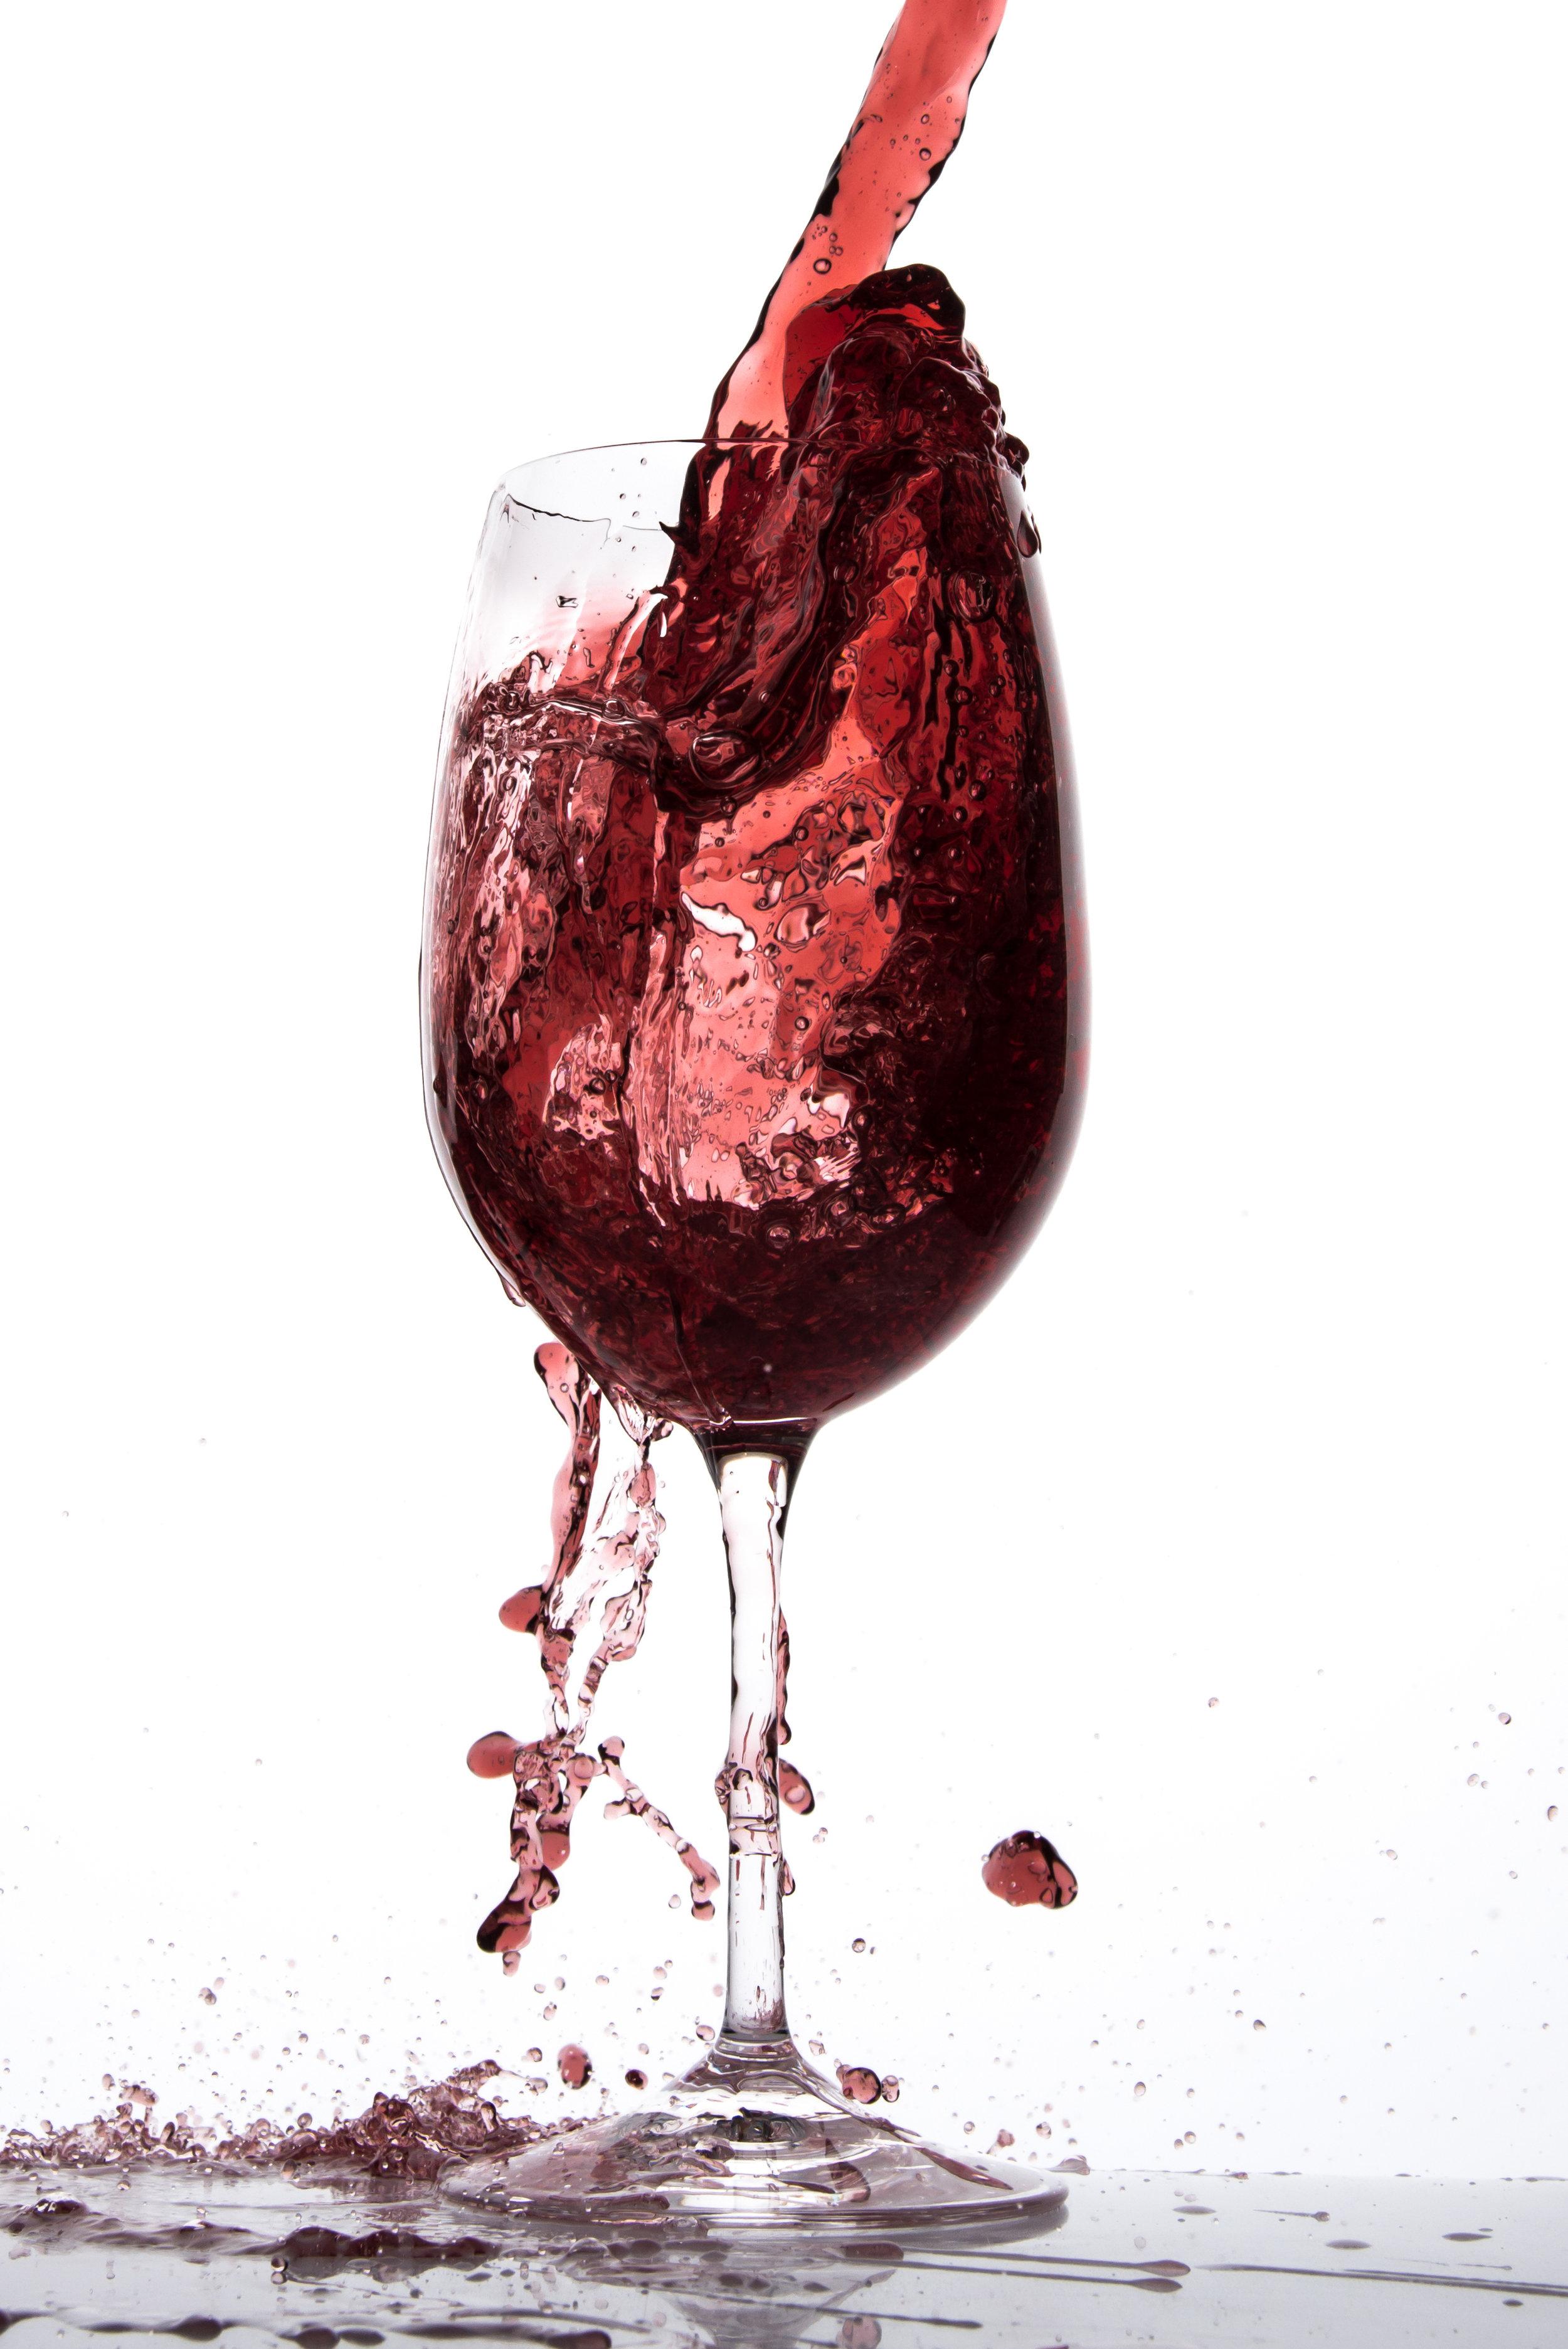 Wine glass full of wine